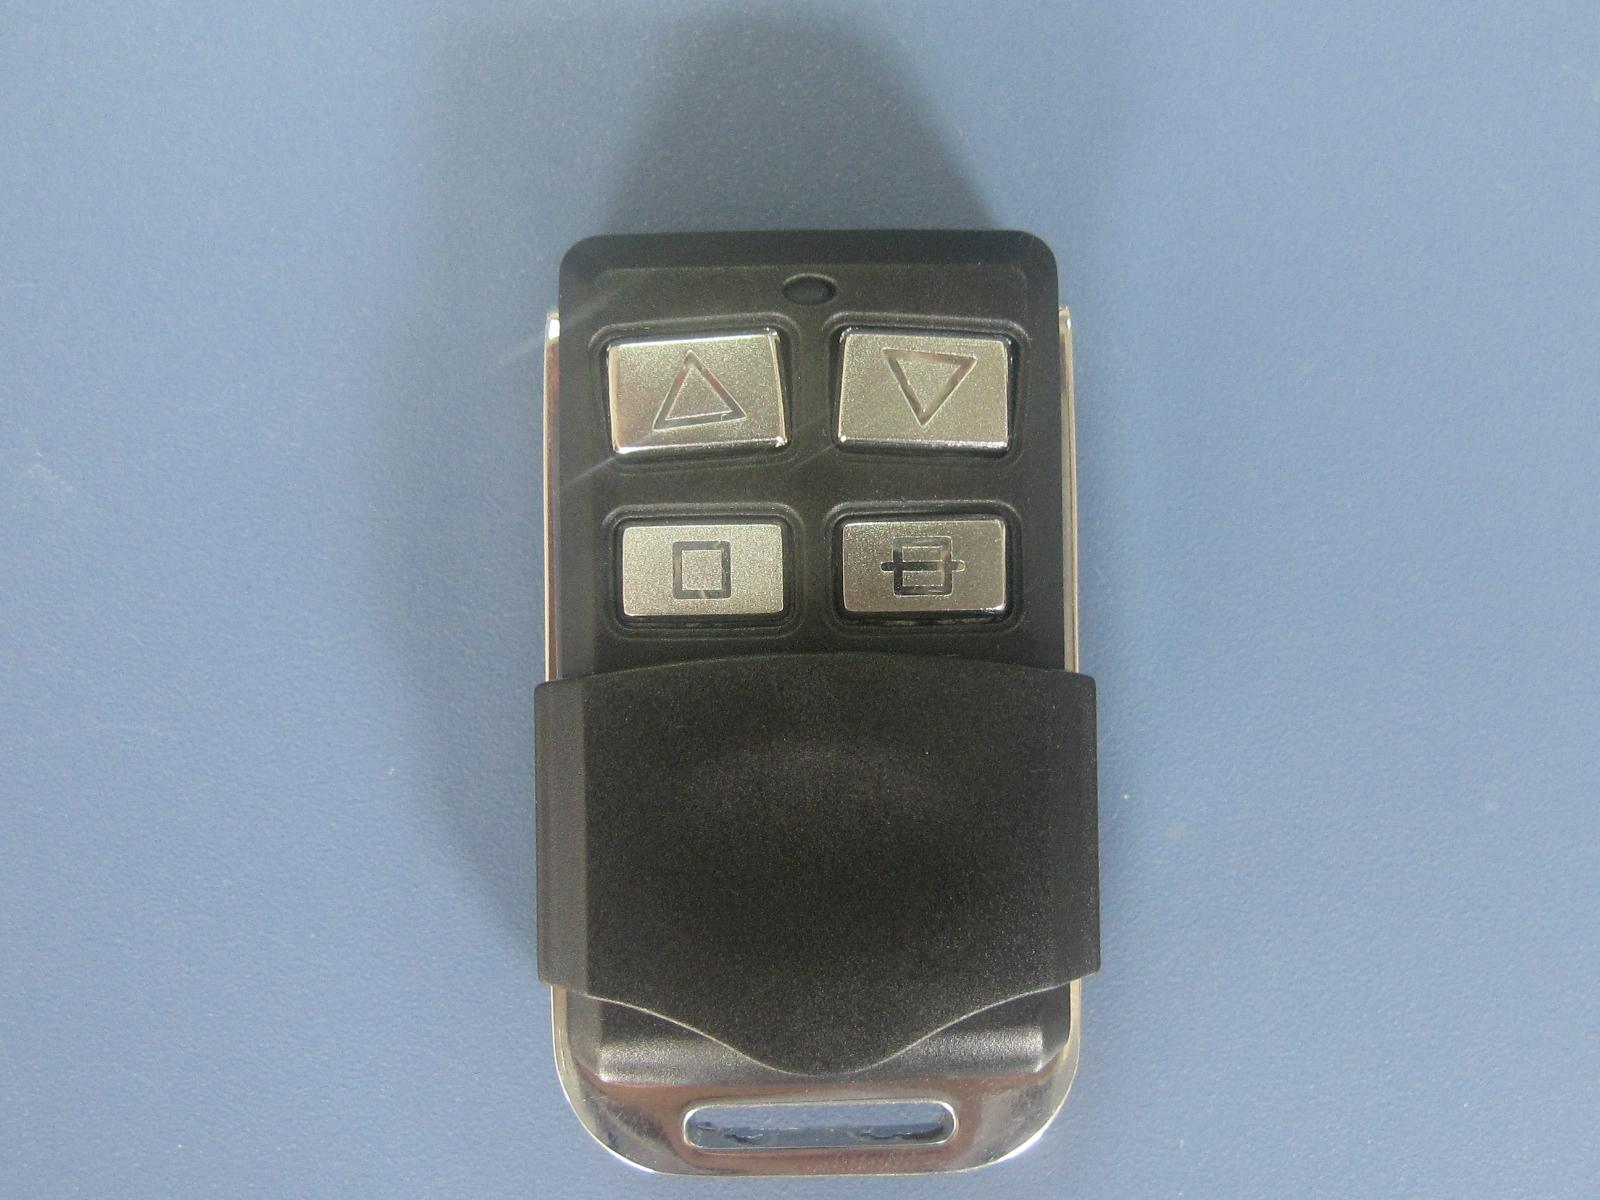 我厂产品主要有:卷帘门电机/控制器/遥控器